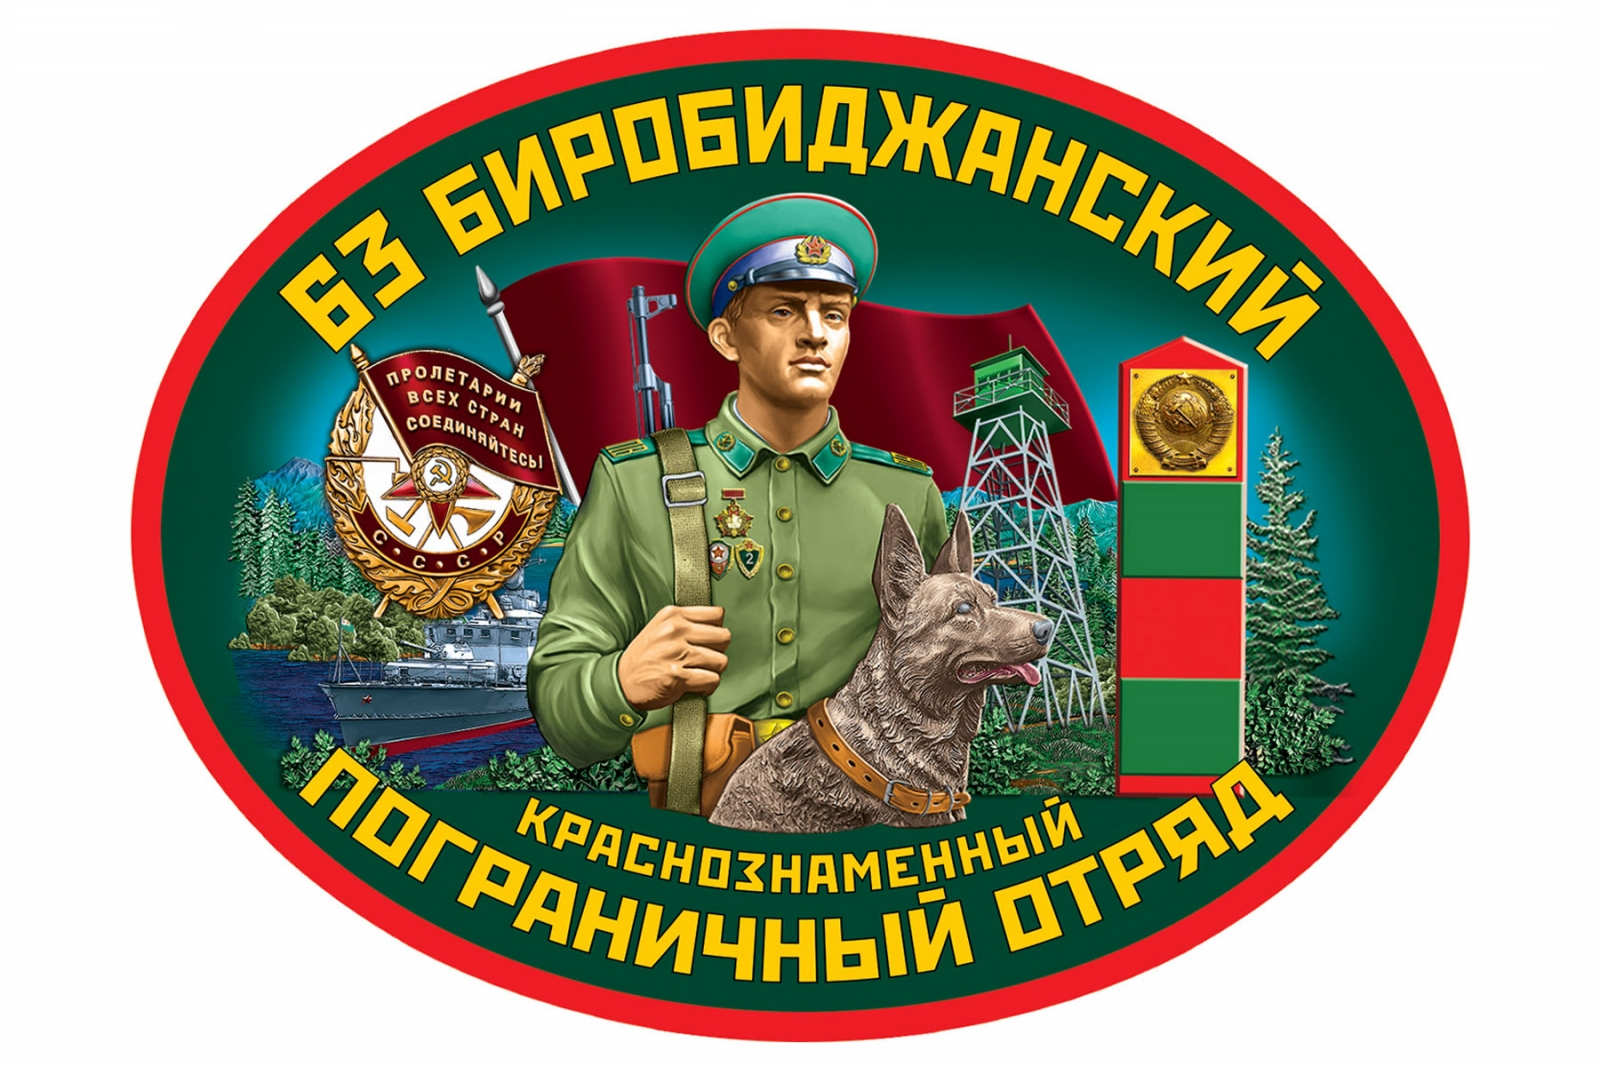 Наклейка на авто 63 Биробиджанский пограничный отряд